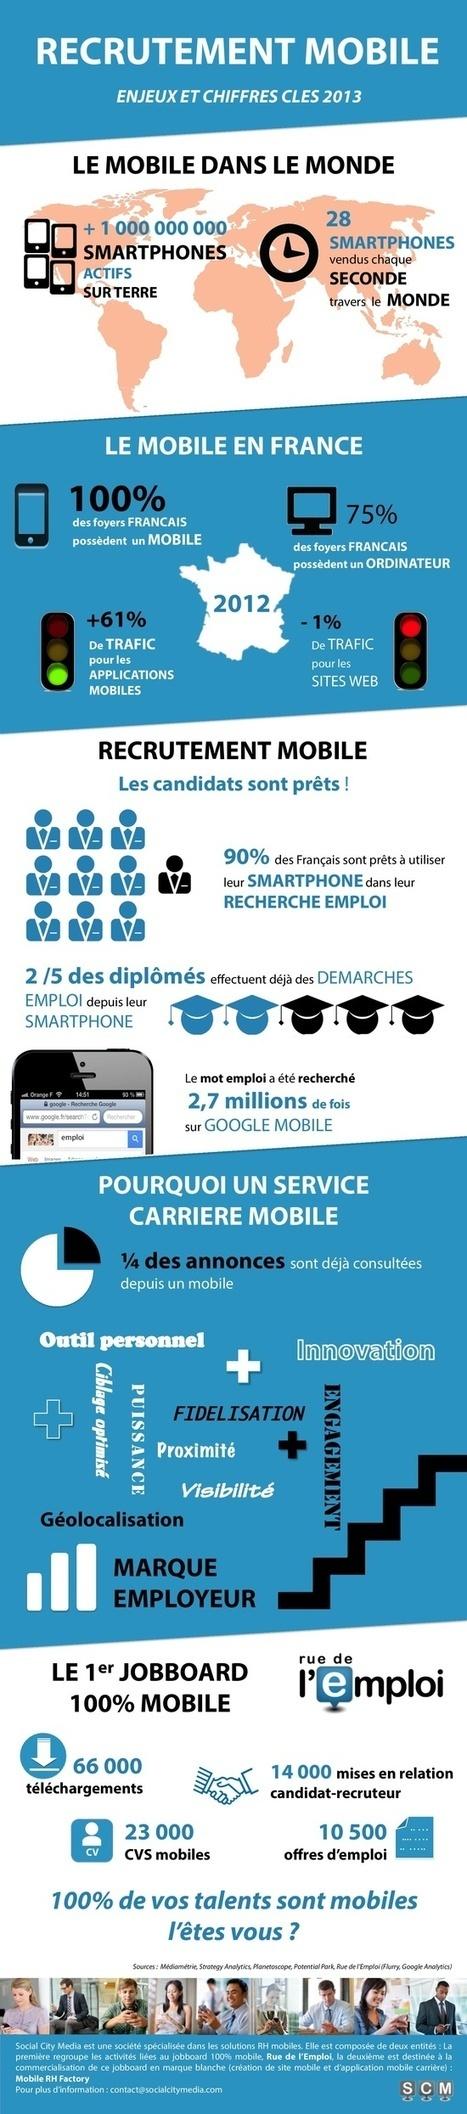 5 idées reçues sur le recrutement mobile | sispe.ma | Scoop.it